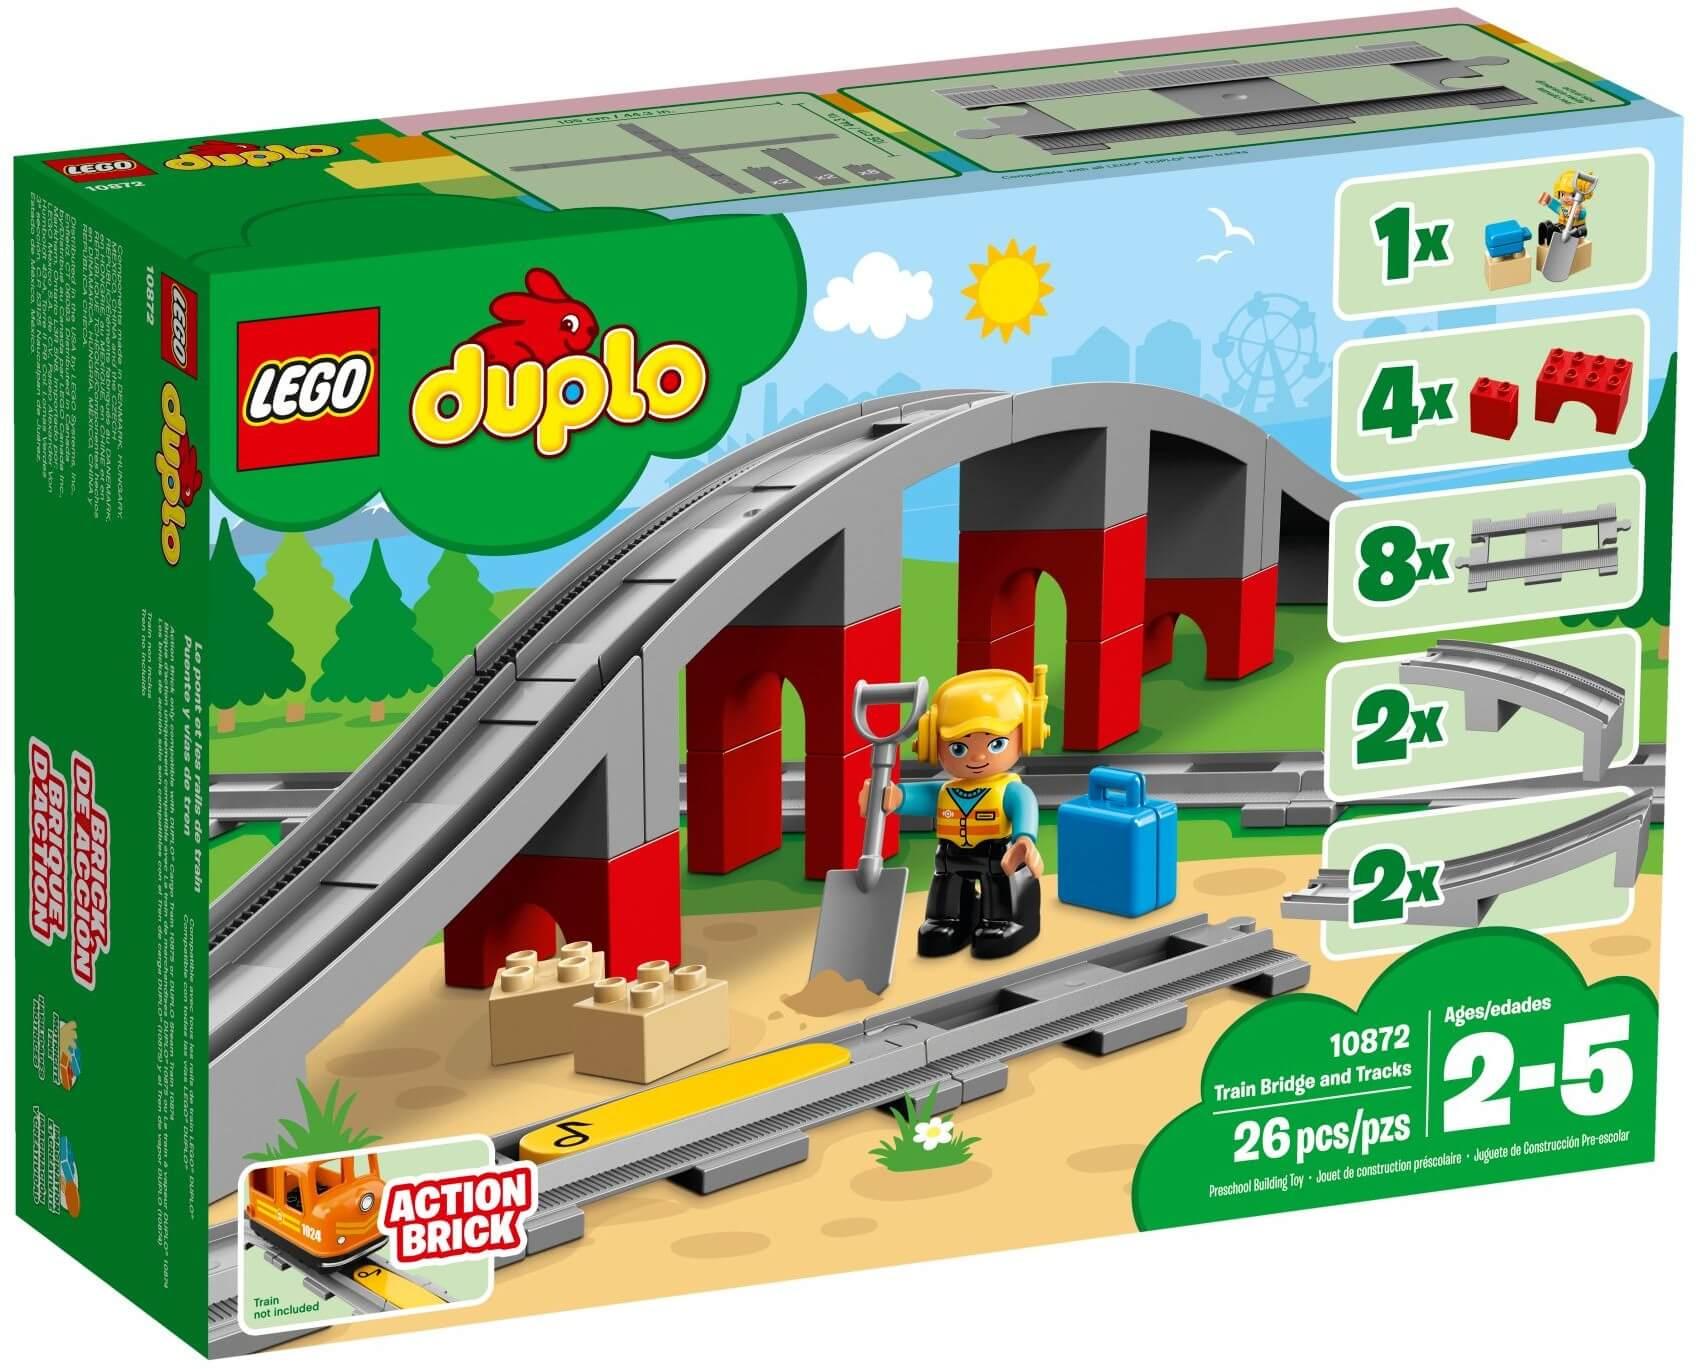 Mua đồ chơi LEGO 10872 - LEGO Duplo 10872 - Bộ Đường Ray Xe Lửa và Cầu (LEGO 10872 Train Bridge and Tracks)